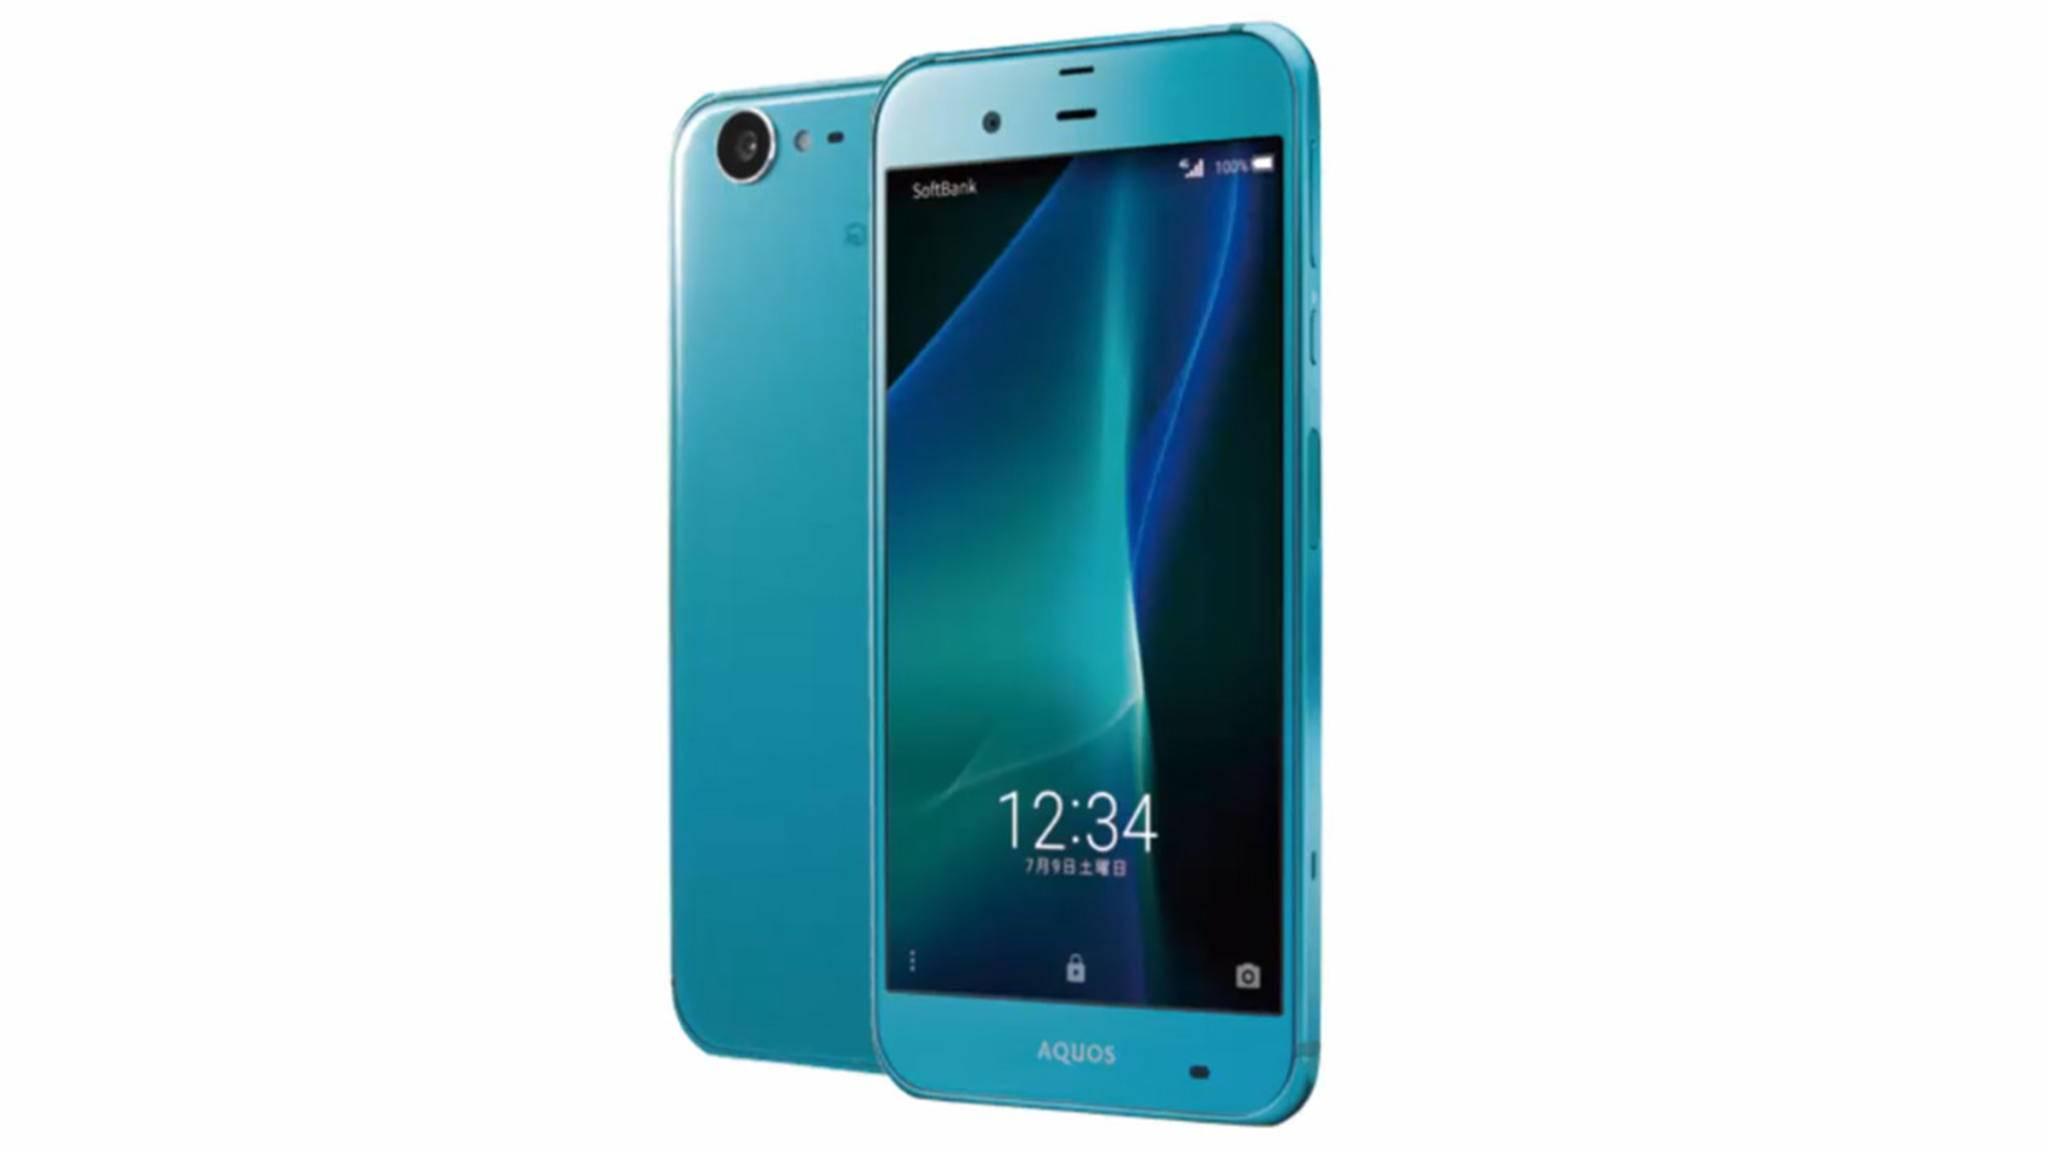 Das Nokia P1 soll angeblich auf dem Sharp Aquos Xx3 basieren.